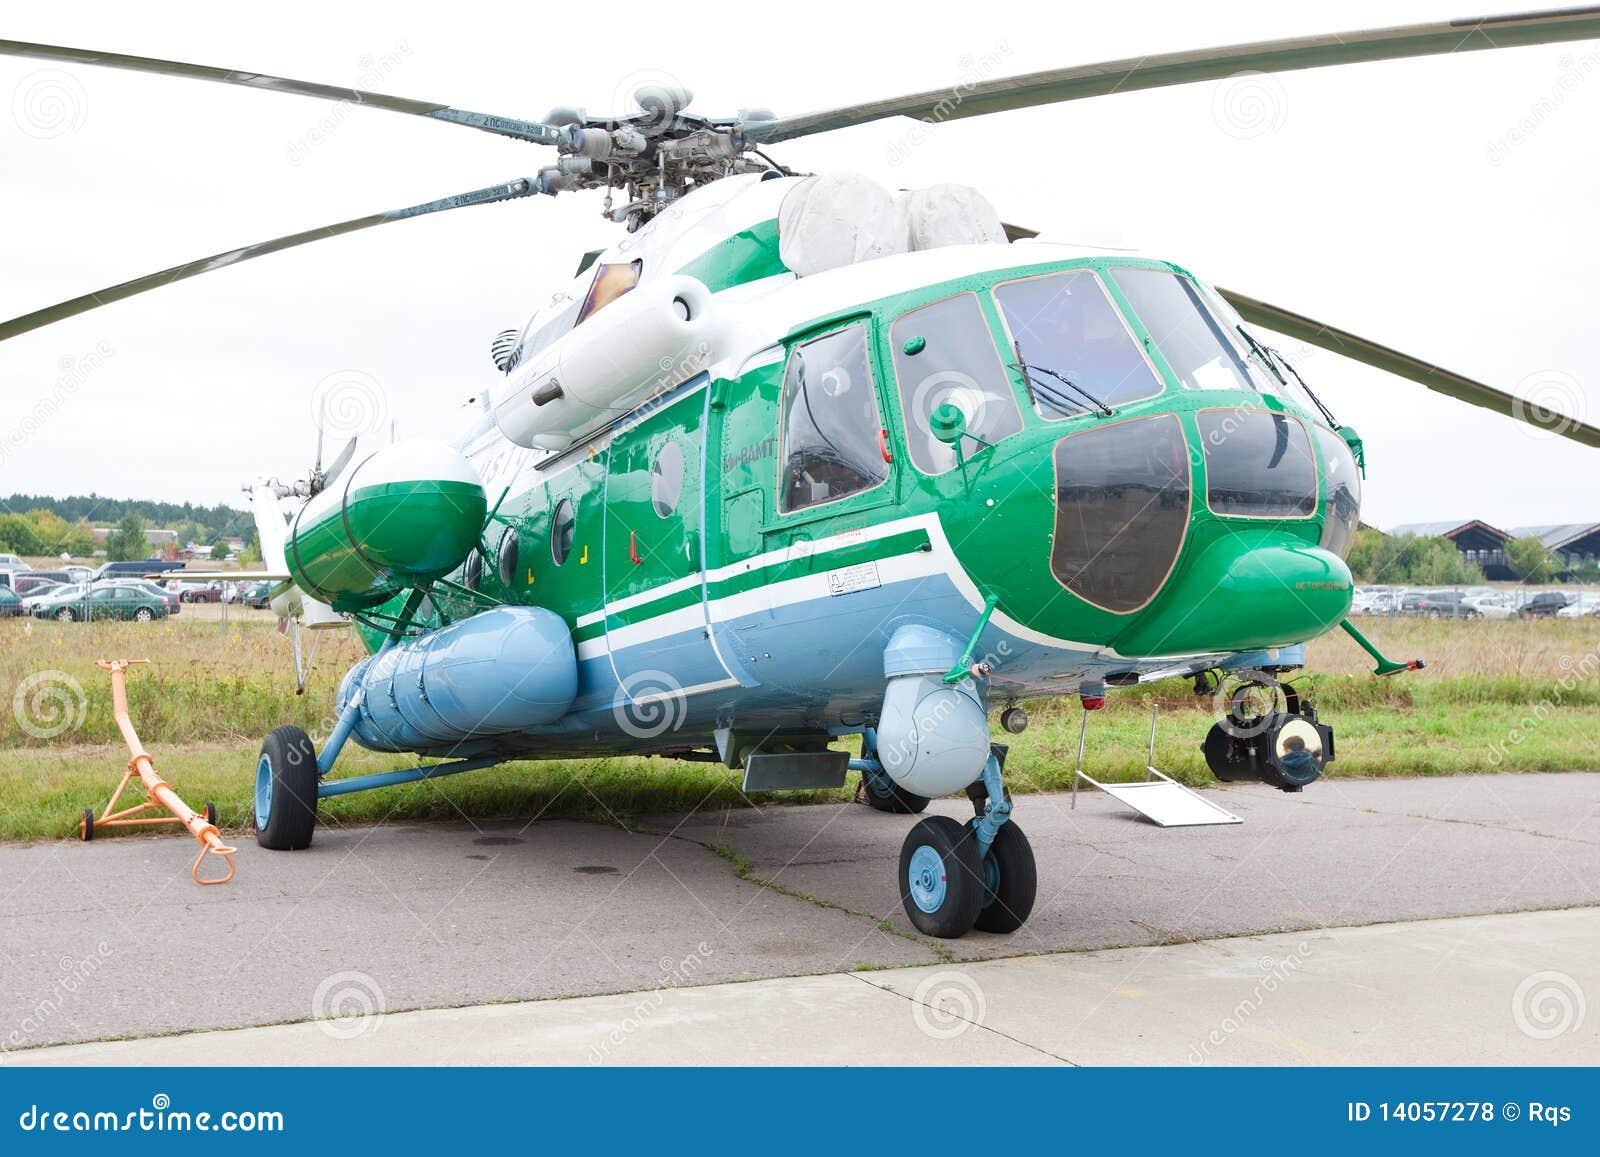 Elicottero Verde E Giallo : Elicottero militare verde e grigio fotografia stock